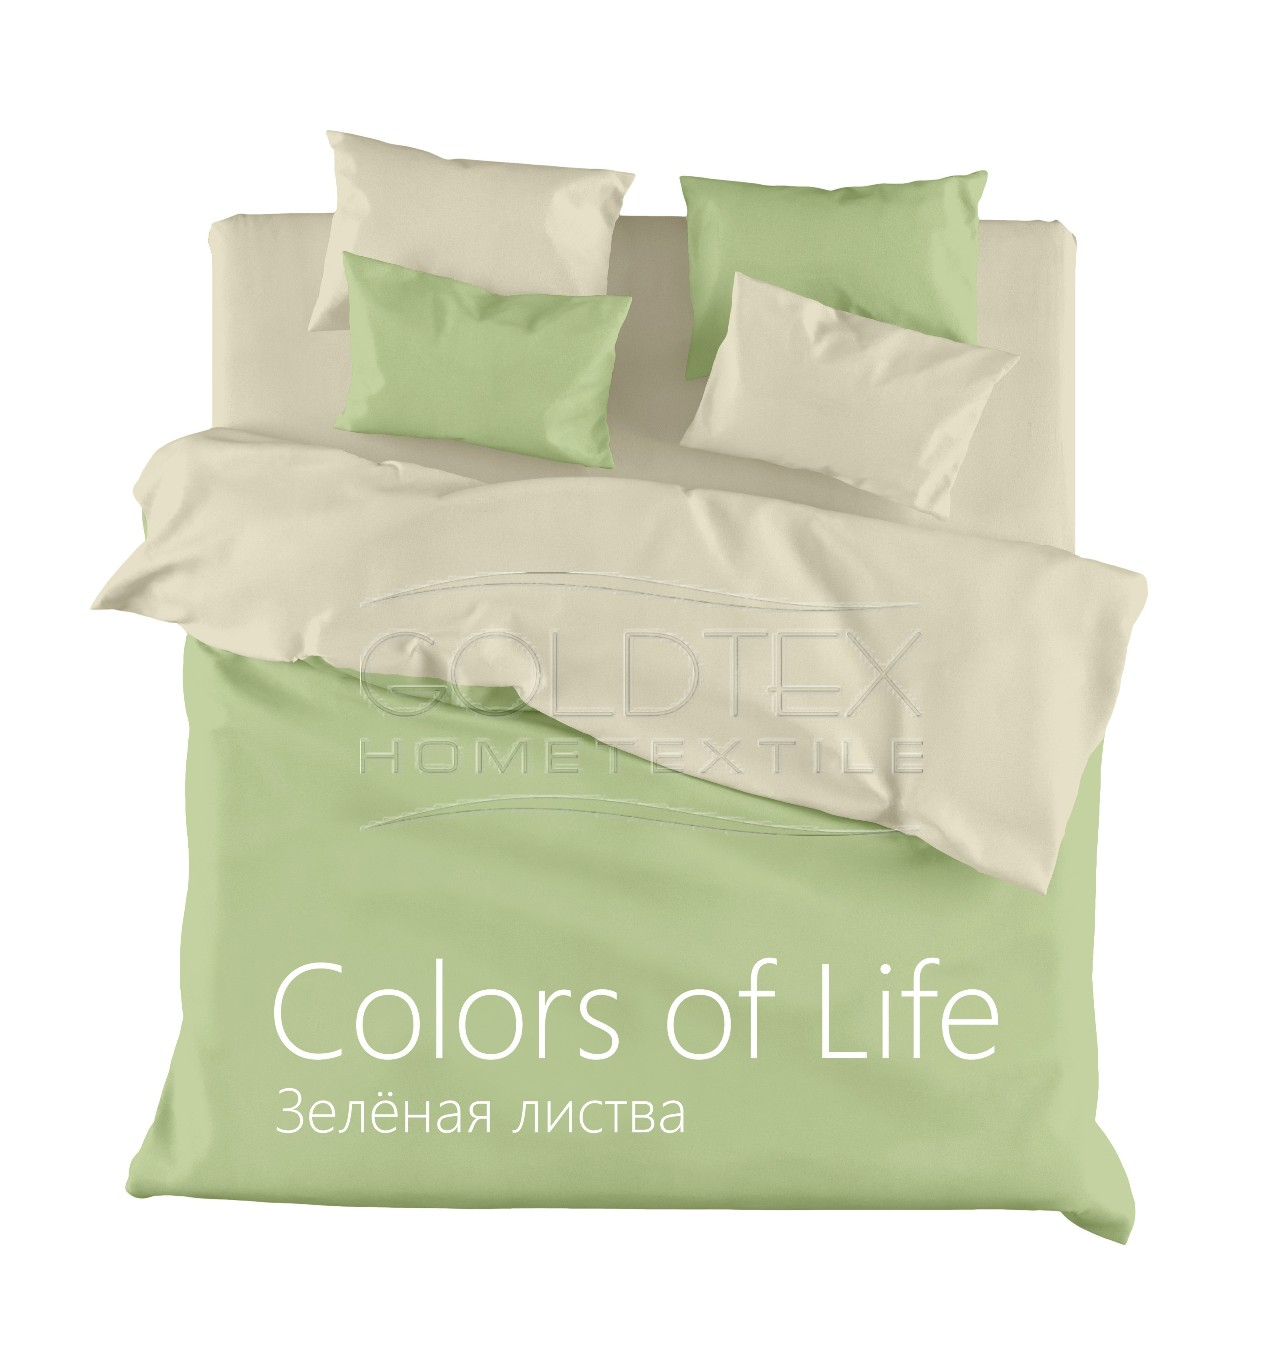 Комплект Зеленая листва, размер 2,0-спальный с 4 наволочкамиСатин<br>Плотность ткани: 130 г/кв. м <br>Пододеяльник: 220х175 см - 1 шт. <br>Простыня: 220х240 см - 1 шт. <br>Наволочка: 70х70 см - 2 шт. 50х70 см - 2 шт.<br><br>Тип: КПБ<br>Размер: 2,0-сп. 4 нав.<br>Материал: Сатин